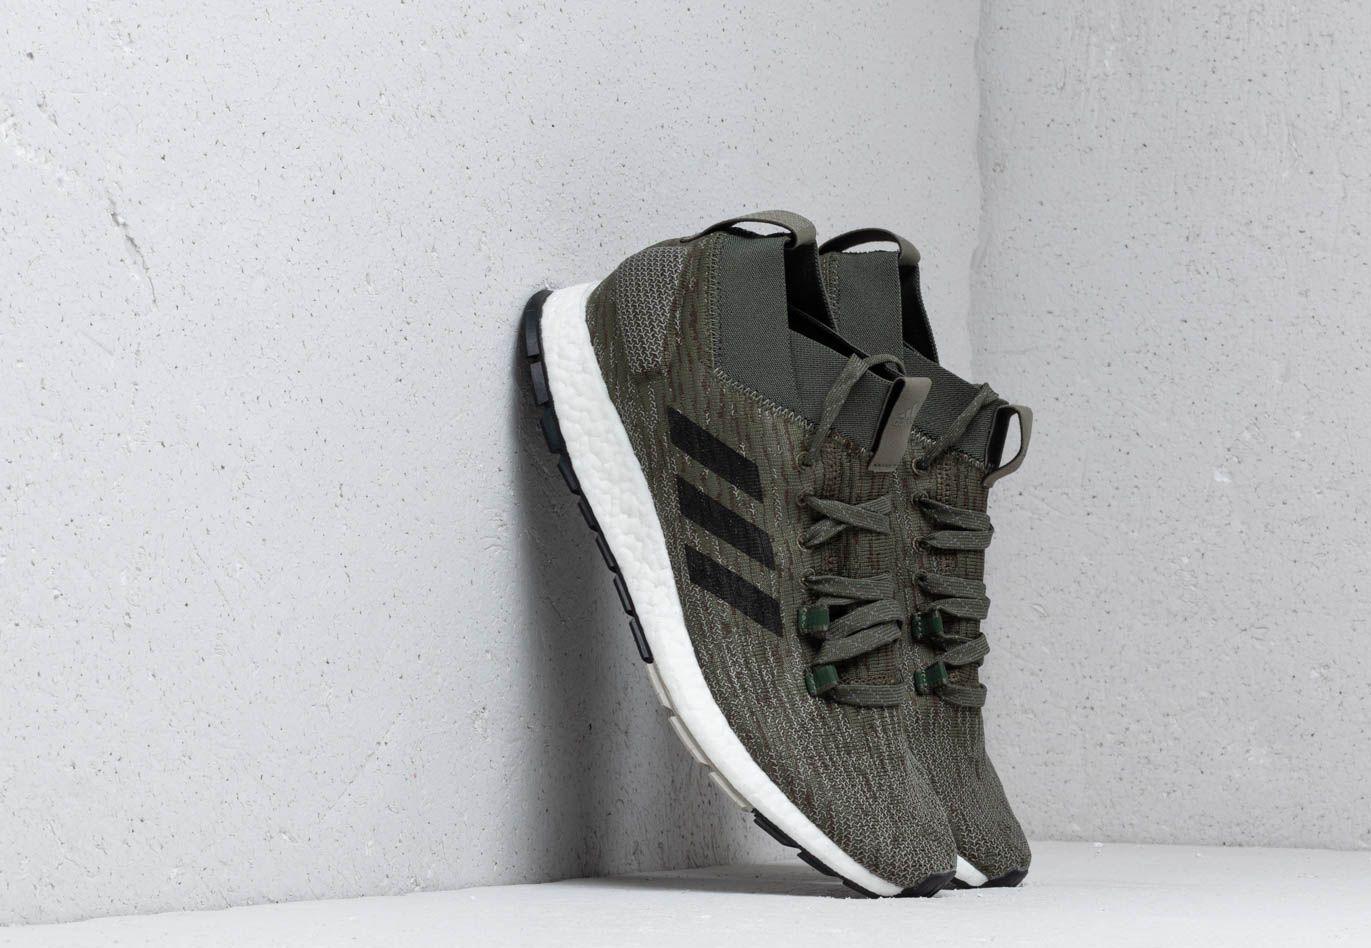 cc3268d69 adidas Originals. Men s Adidas Pureboost Rbl Base Green  Core Black  Sesame